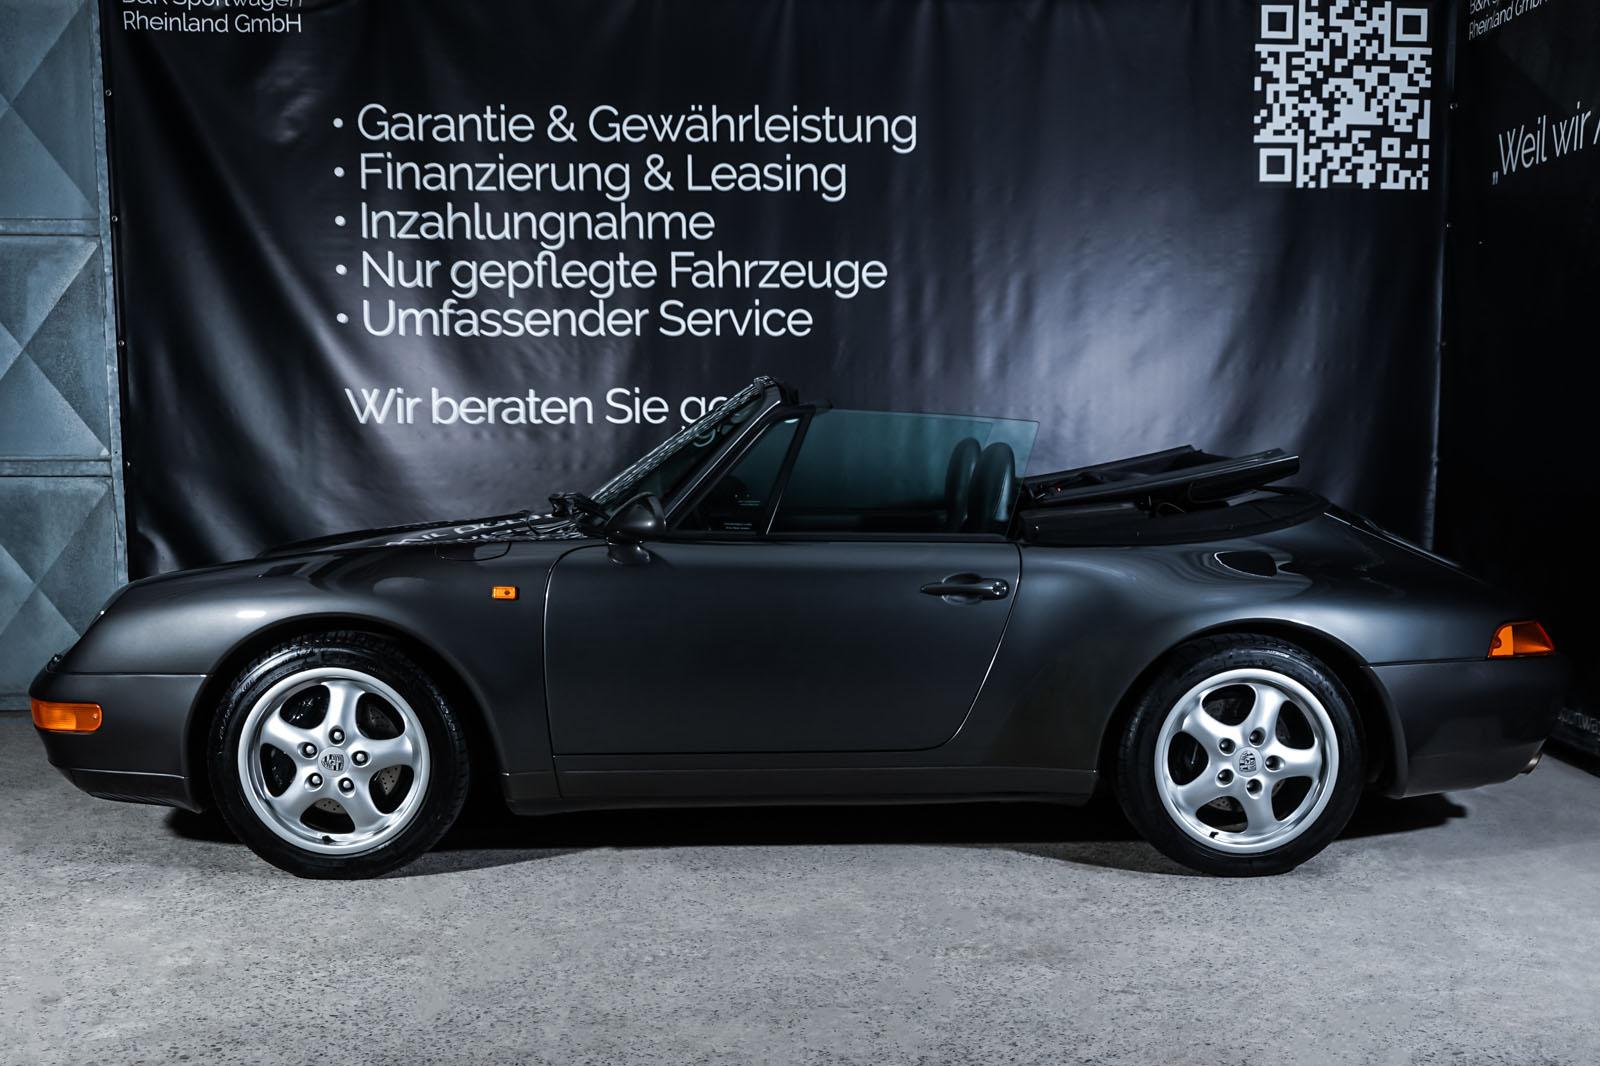 Porsche_993_Carrera_Cabrio_Grau_Schwarz_POR-2375_6_w